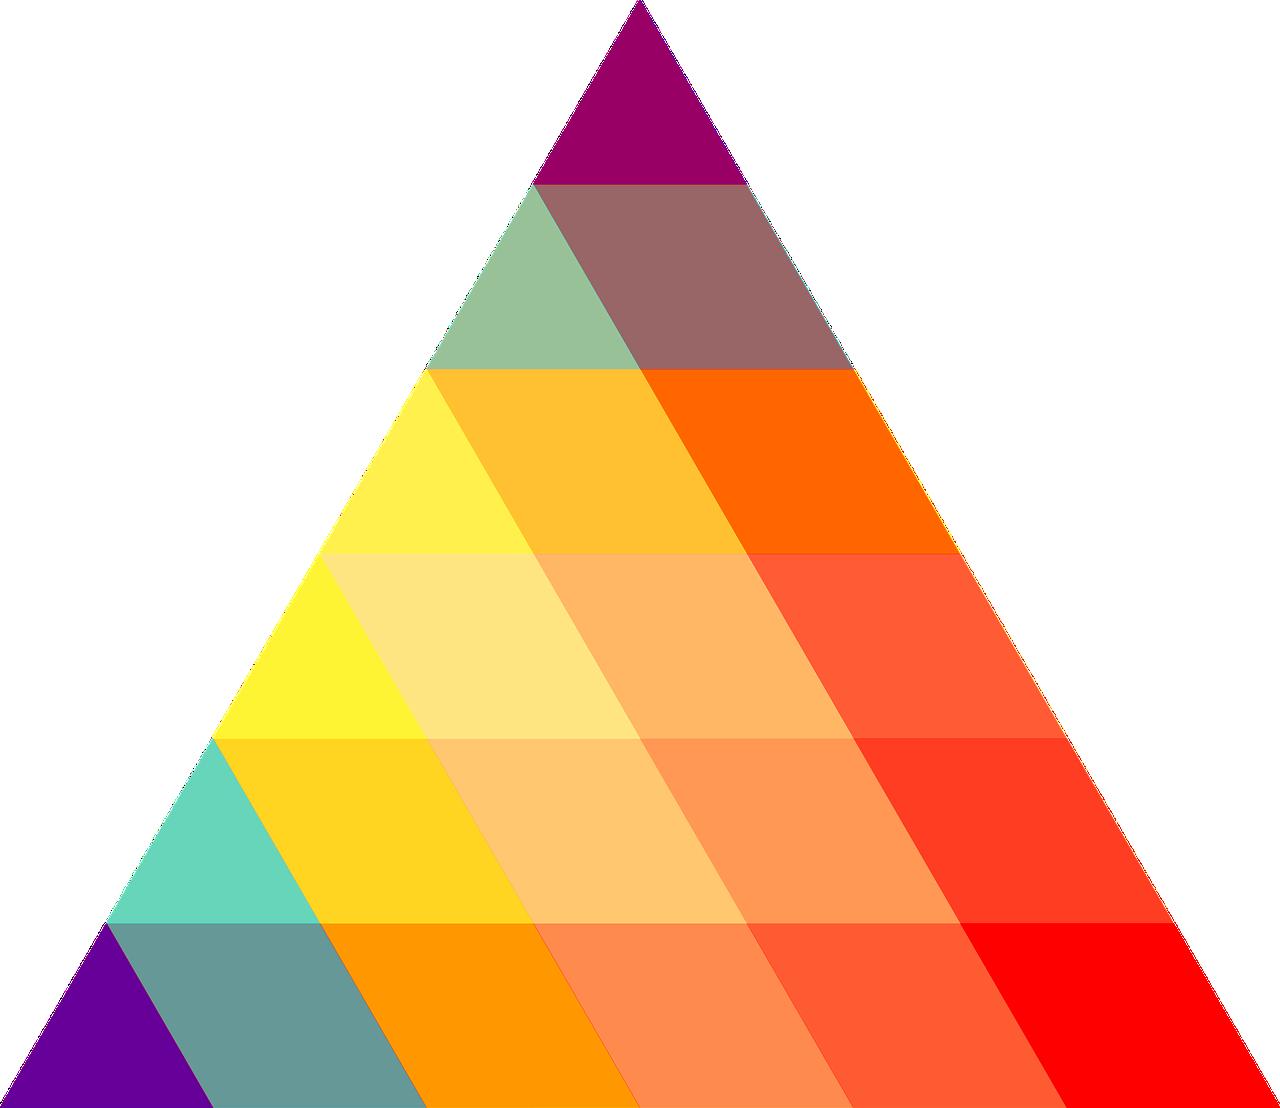 картинки цветных треугольников протяжение сотен